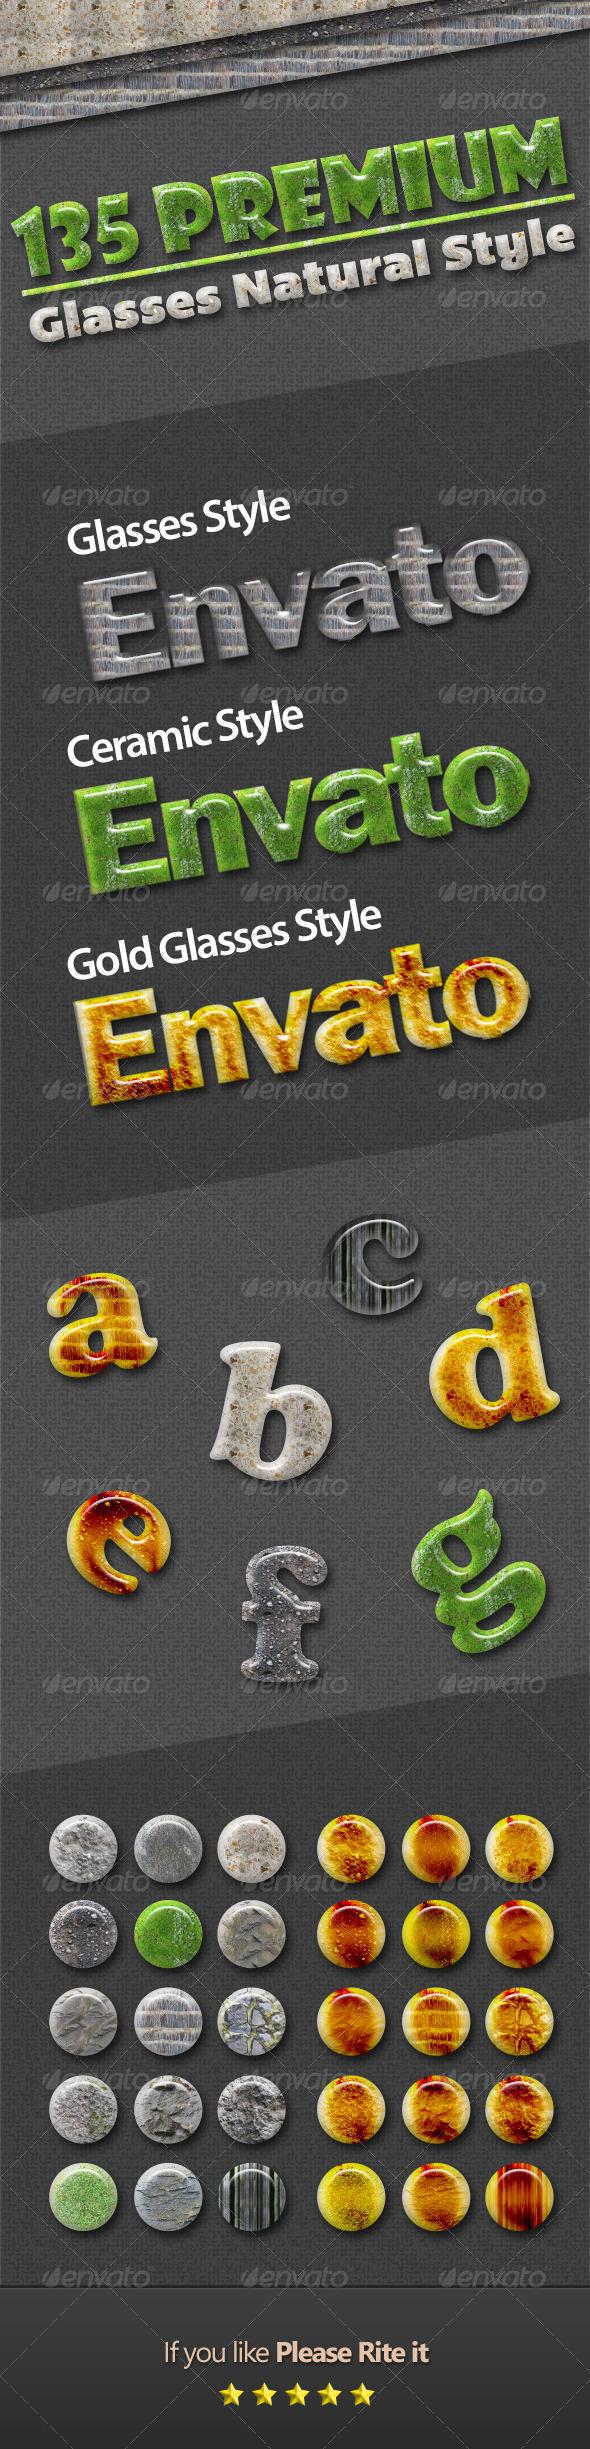 GraphicRiver 135 Premium Glasses Natural Style 4365727